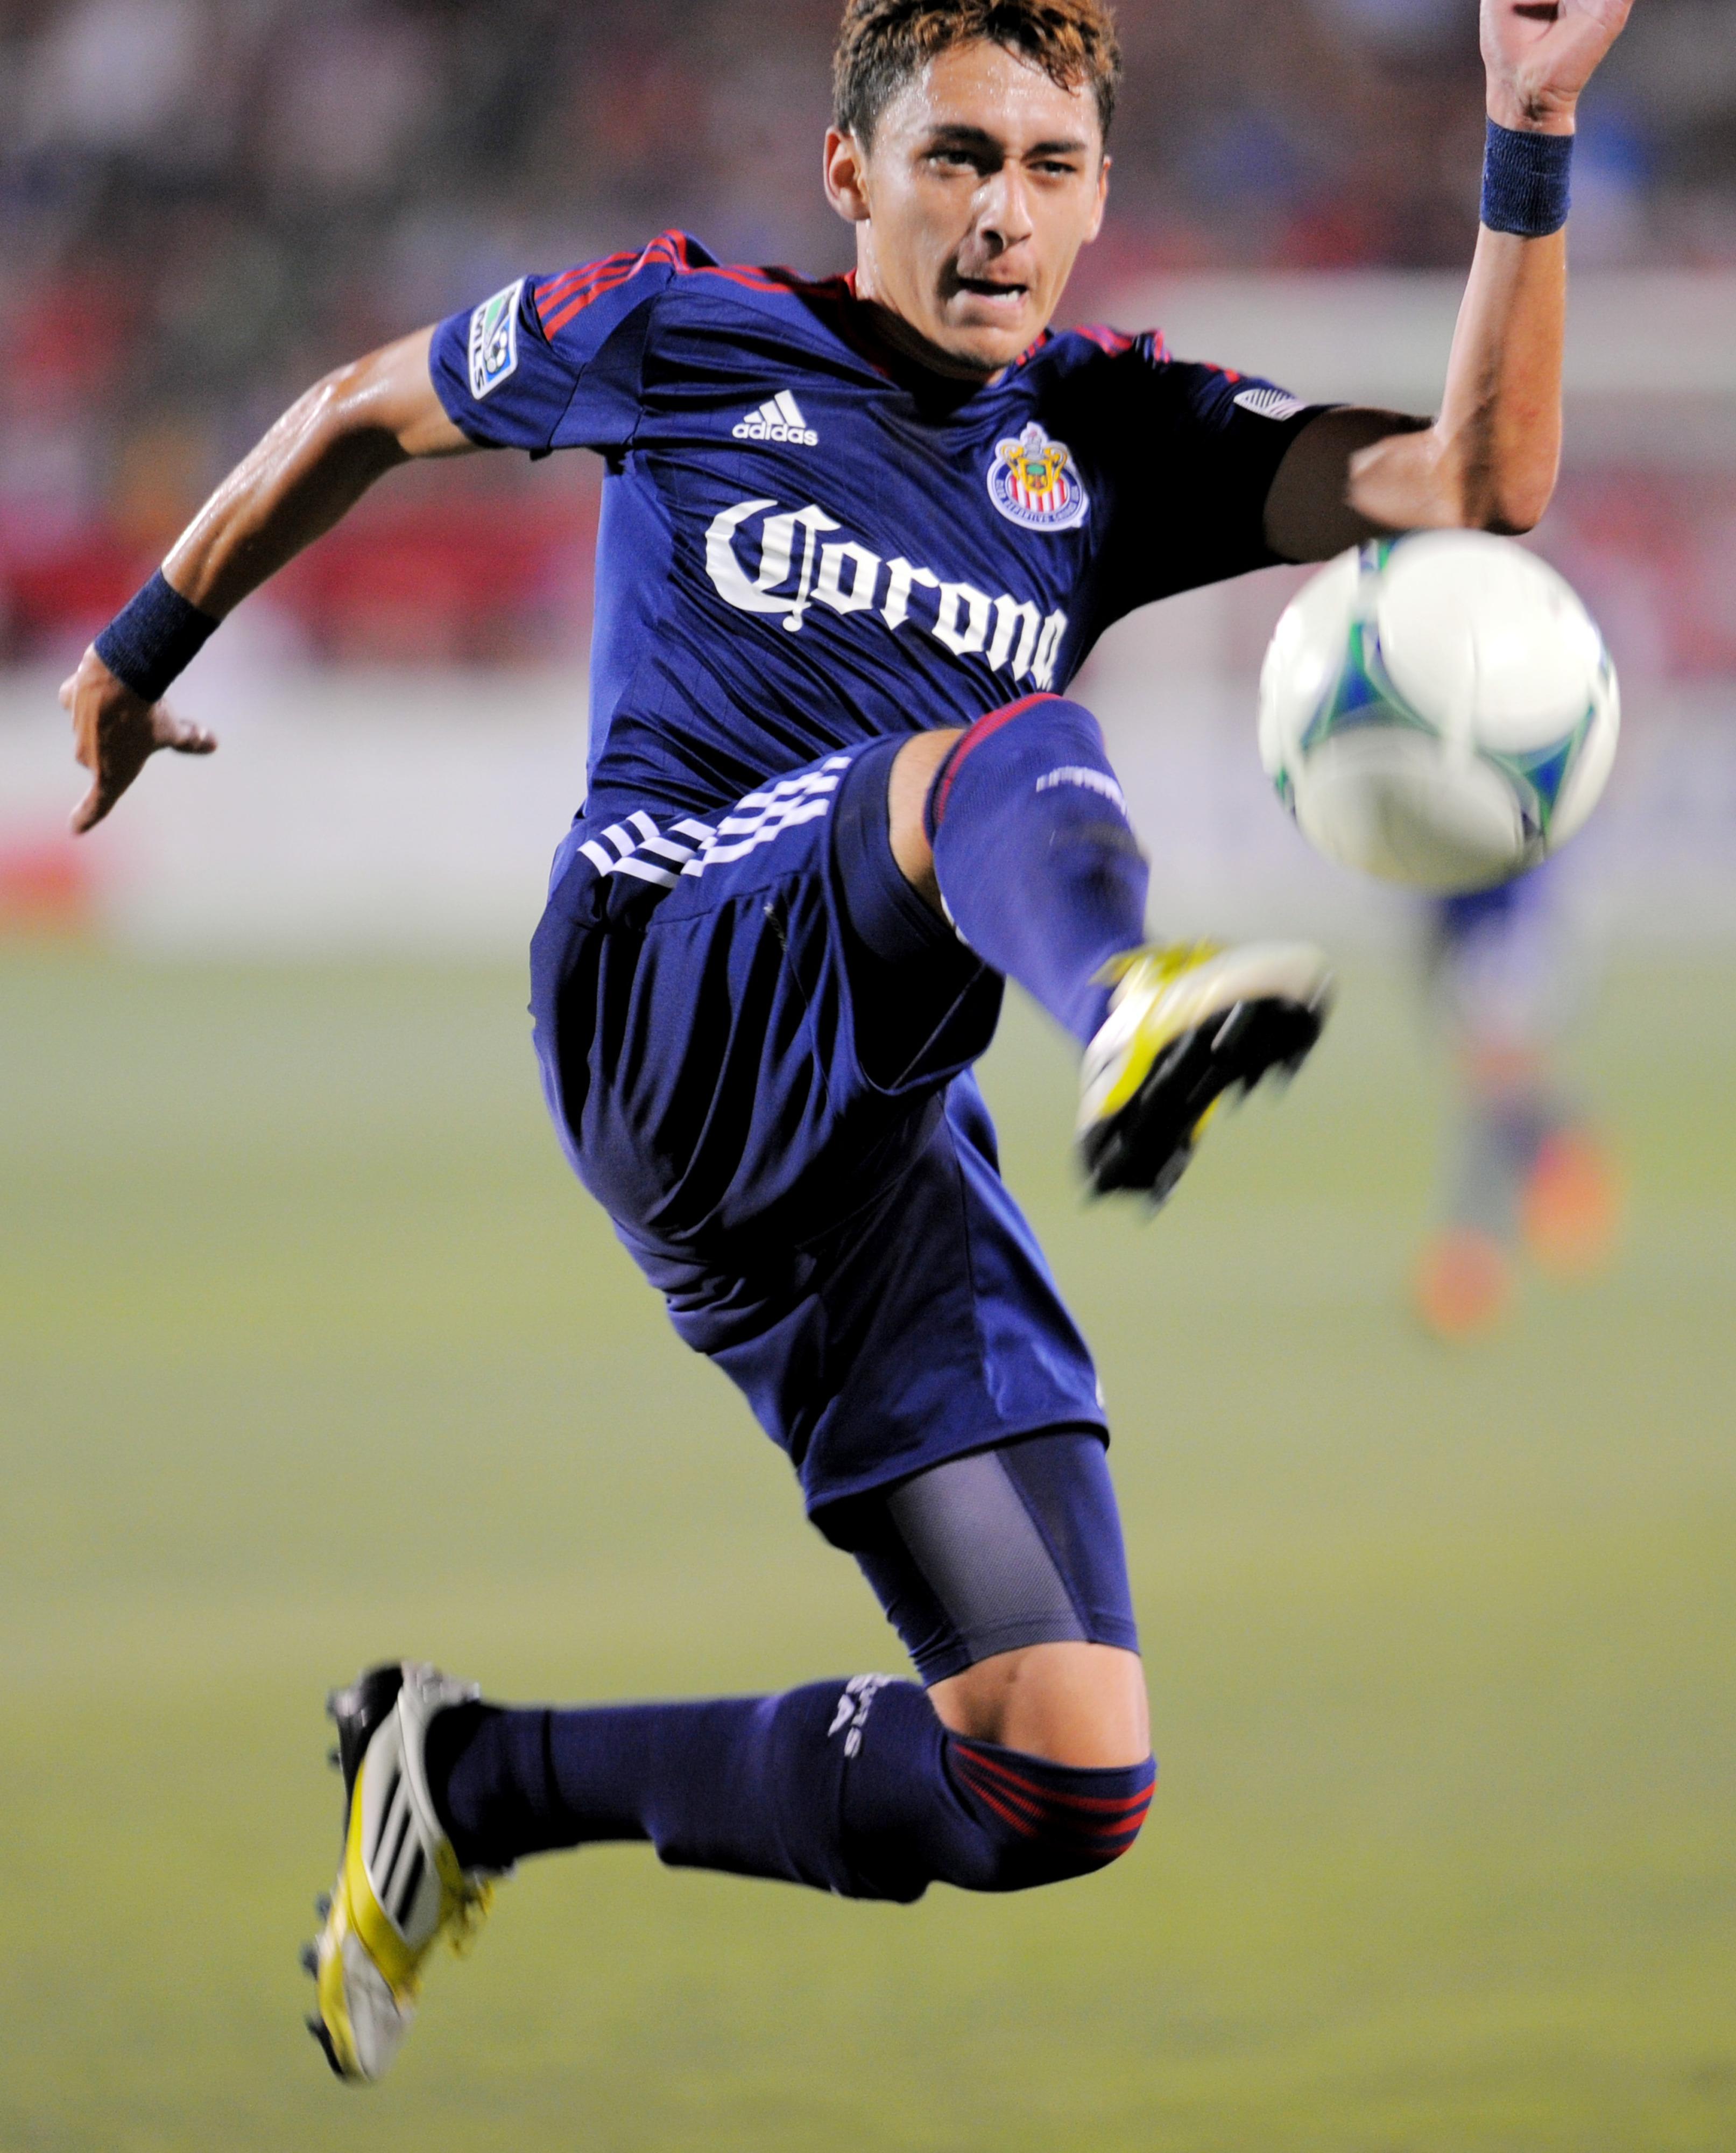 Chivas USA Academy product Marco Delgado